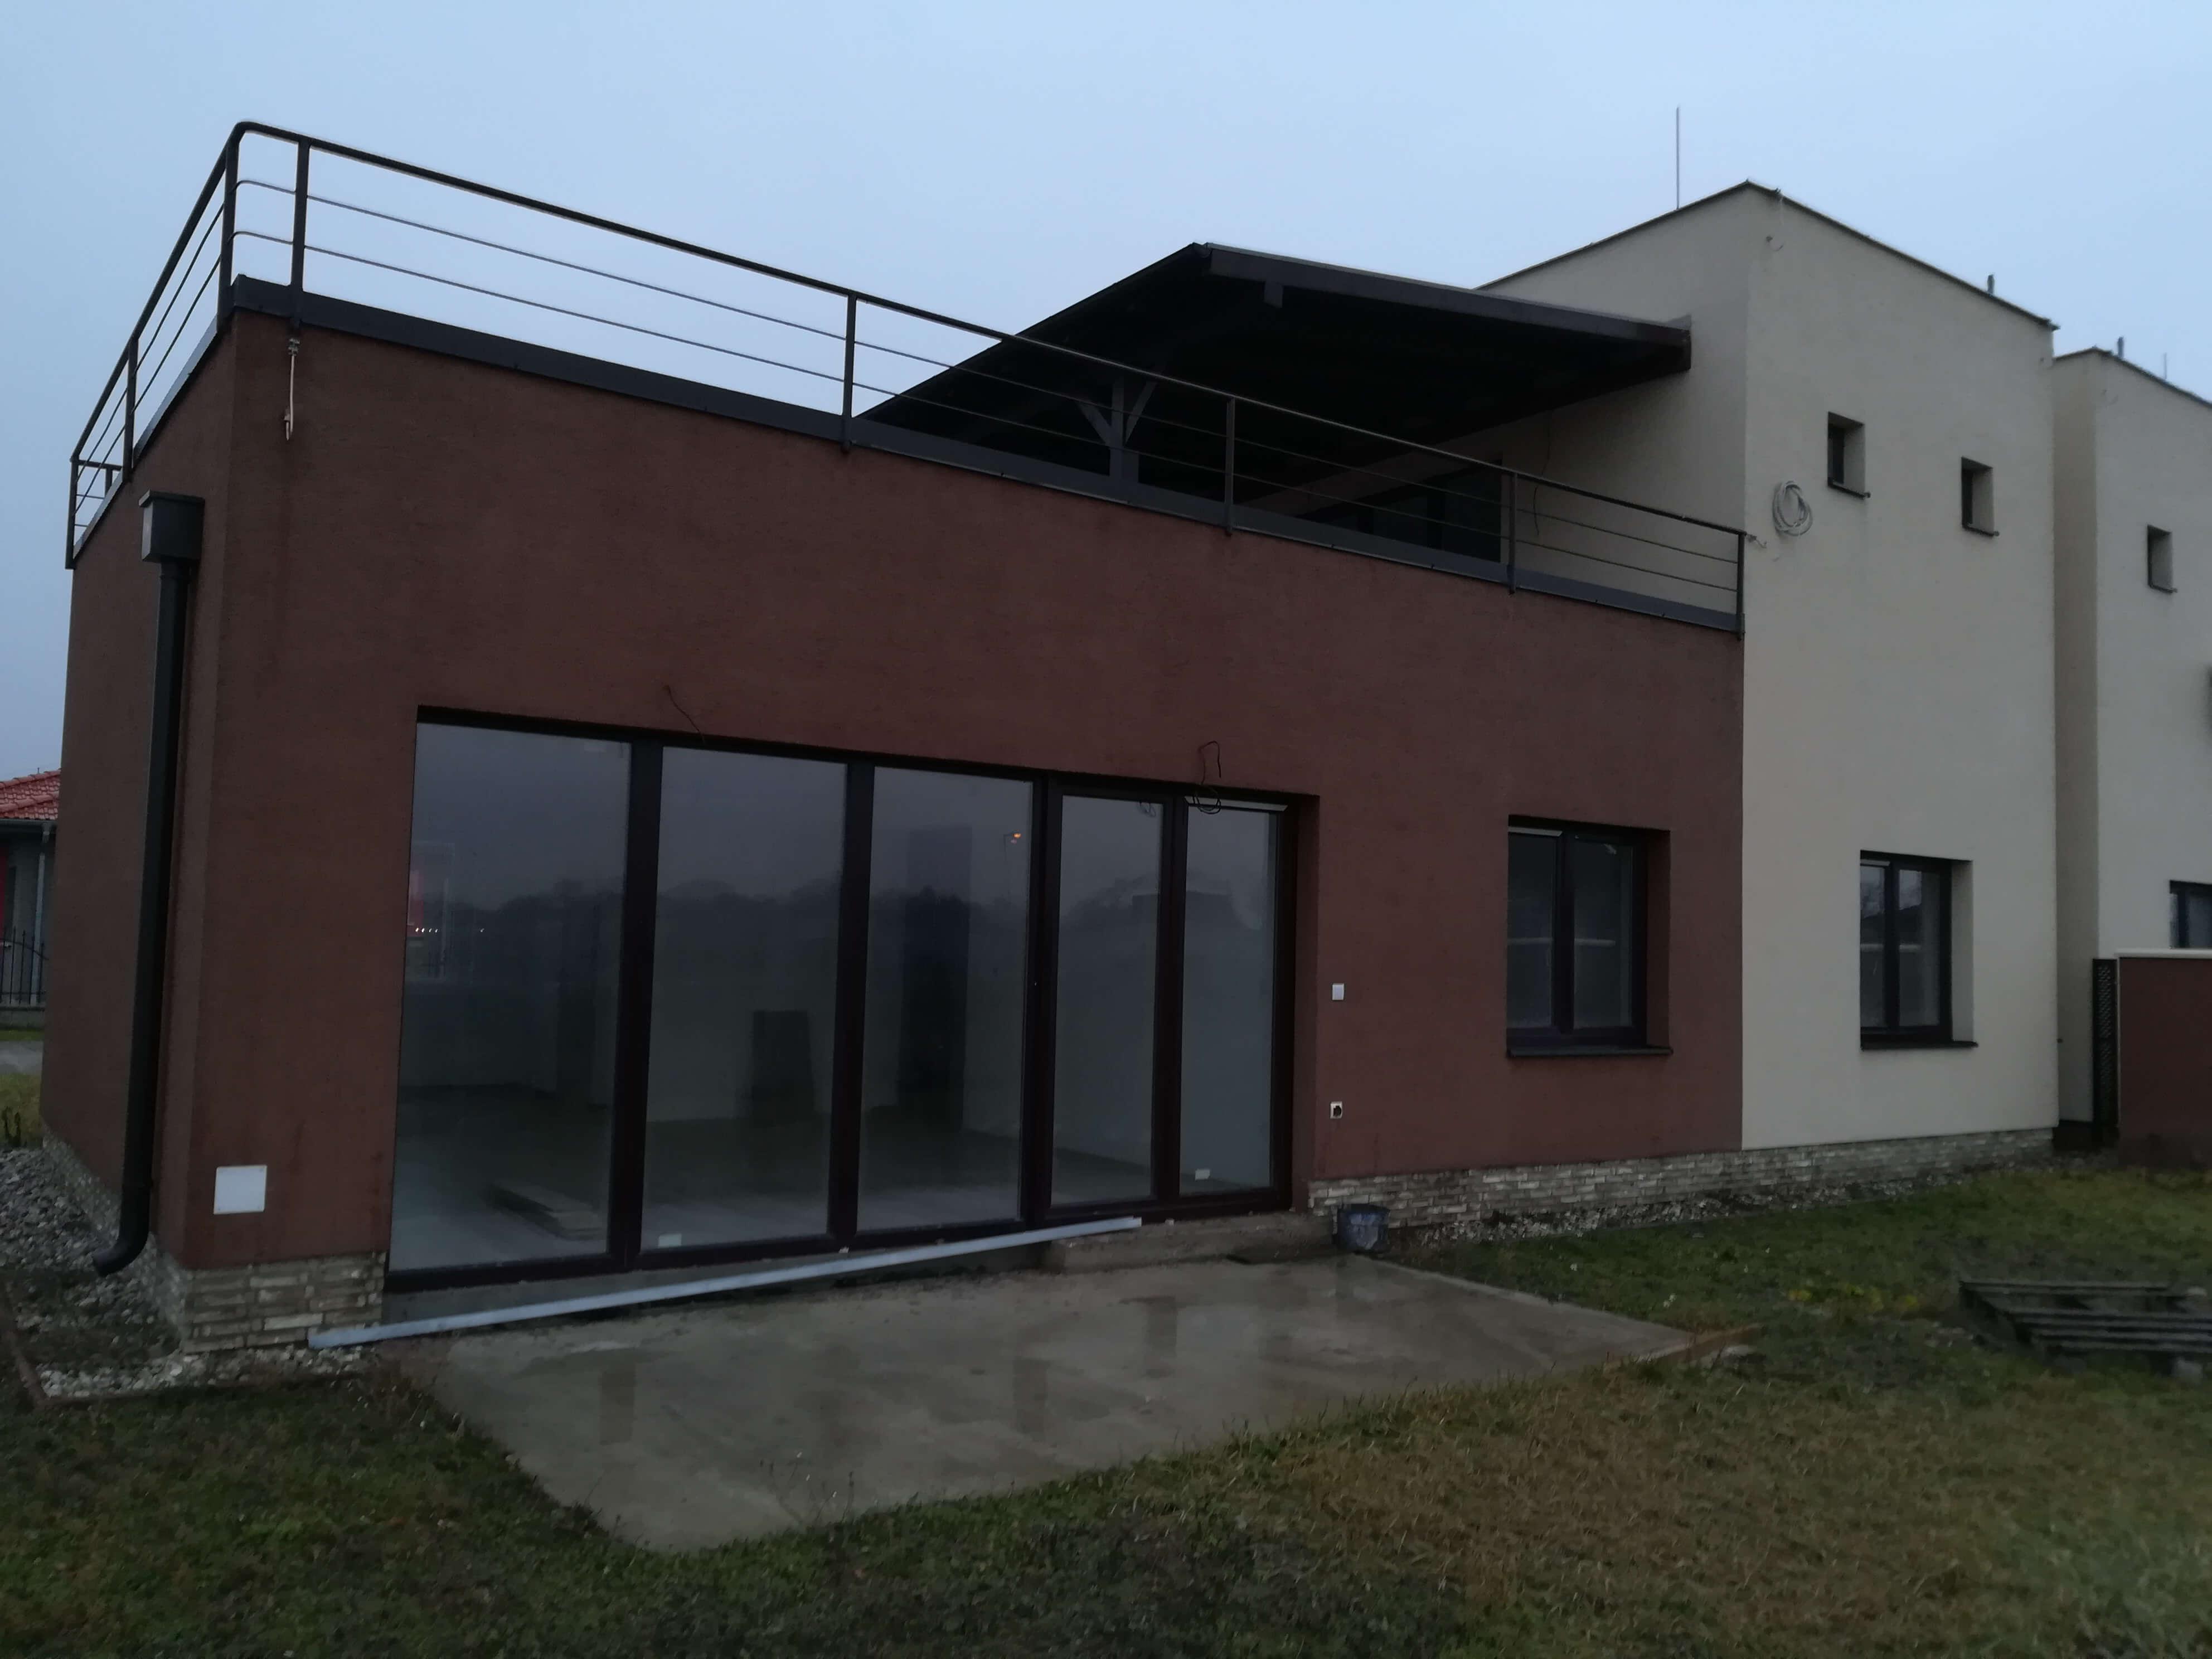 Predané: NOVOSTAVBA s terasou NA KĽÚČ + POZEMOK len 25km od Bratislavy-0